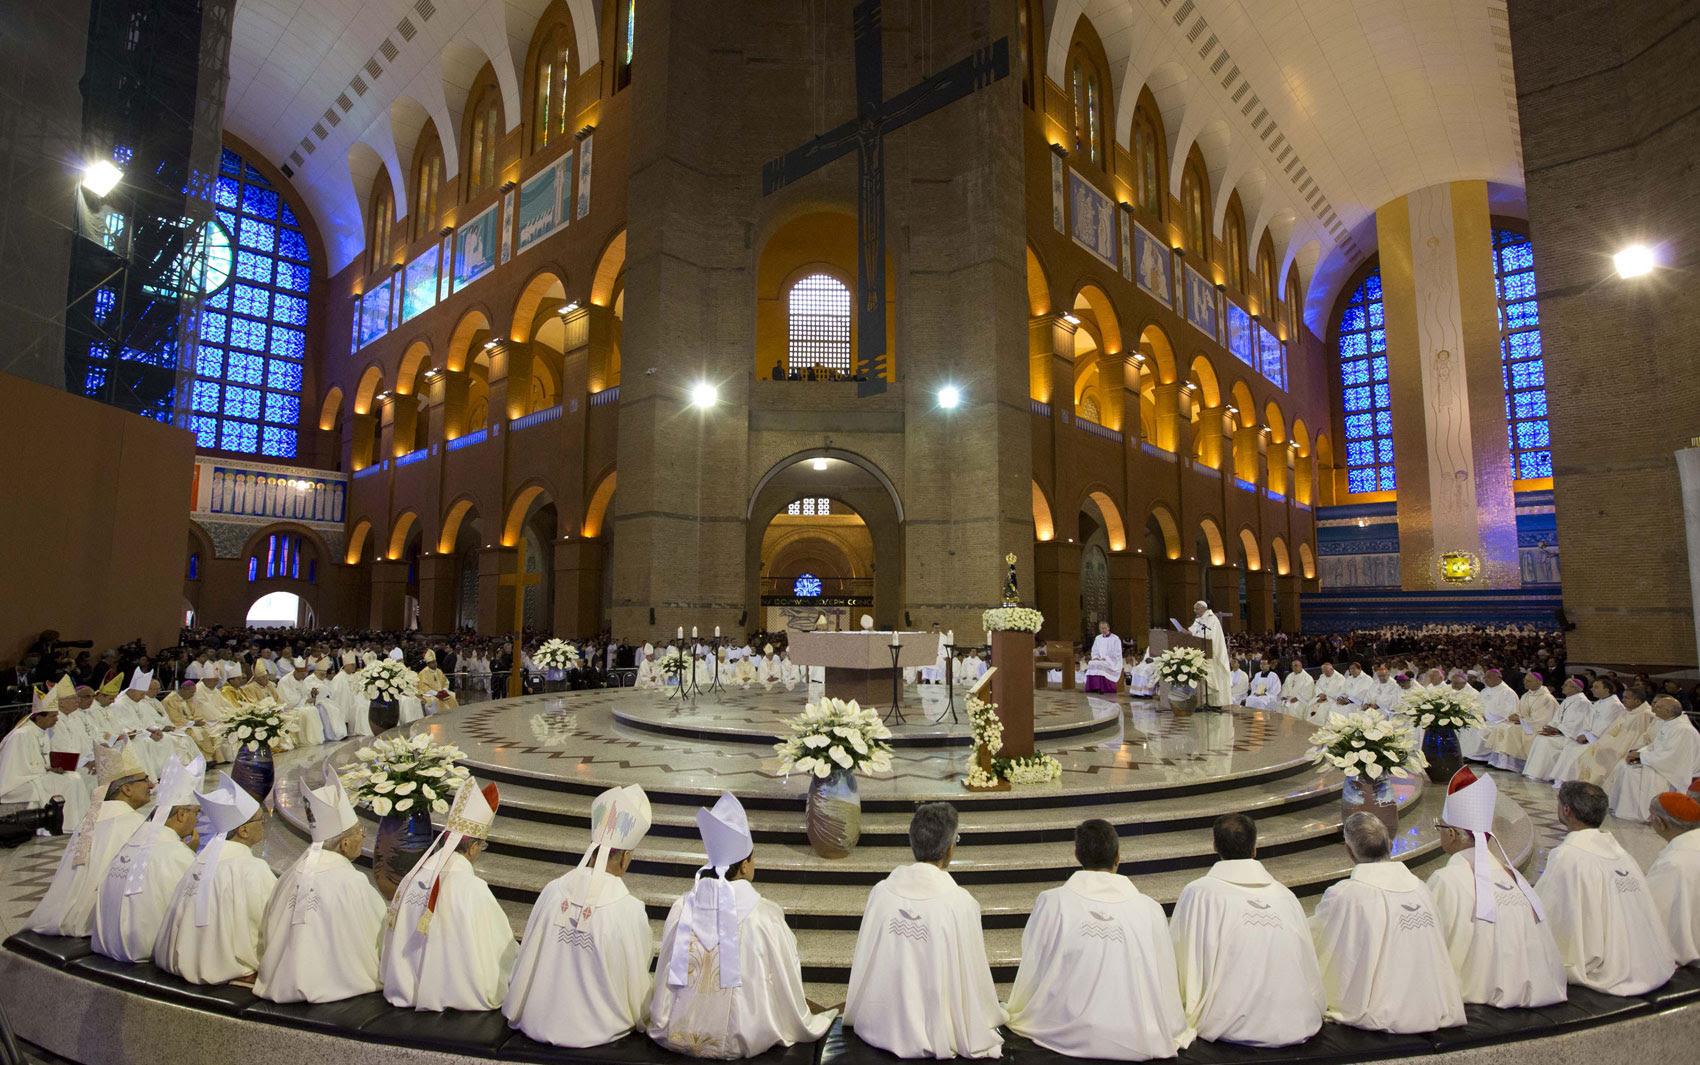 Membros do clero participam da missa ministrada pelo Papa Francisco em Aparecida (SP)